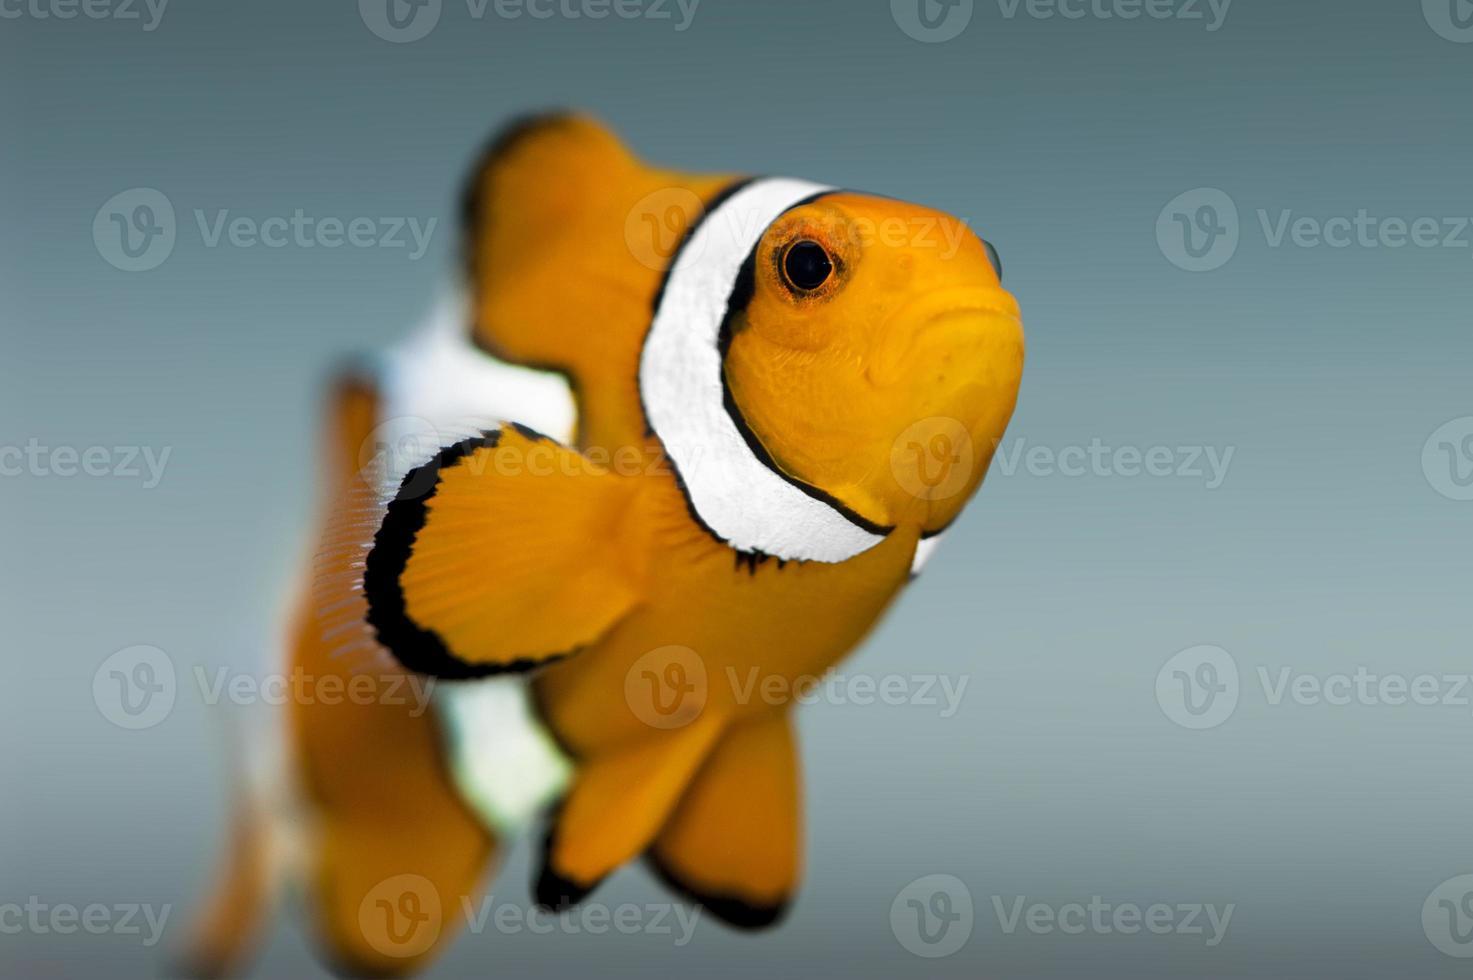 pez nemo, pez payaso - de cerca foto